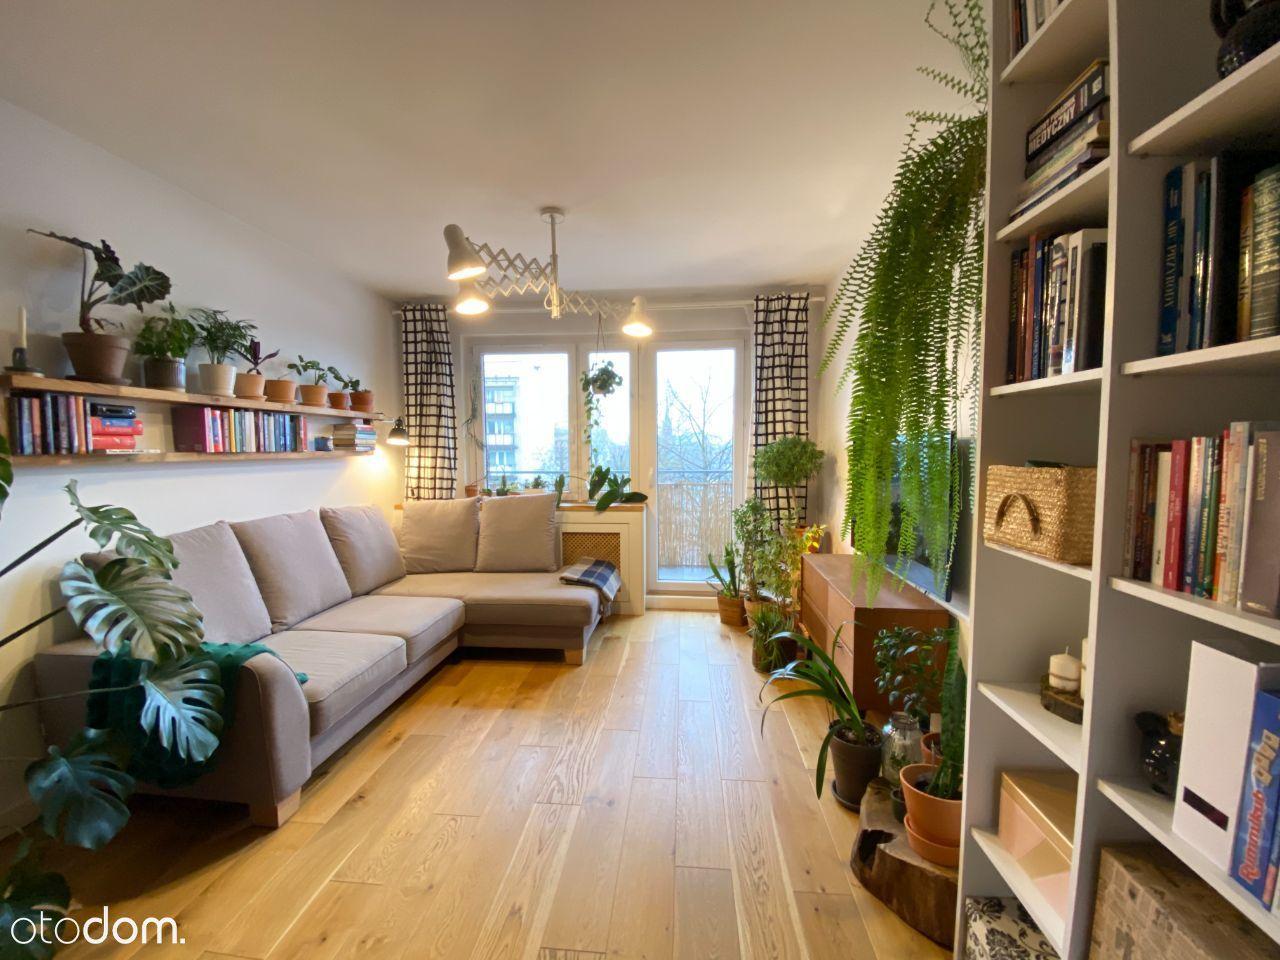 Klimatyczne mieszkanie blisko centrum, 2 balkony